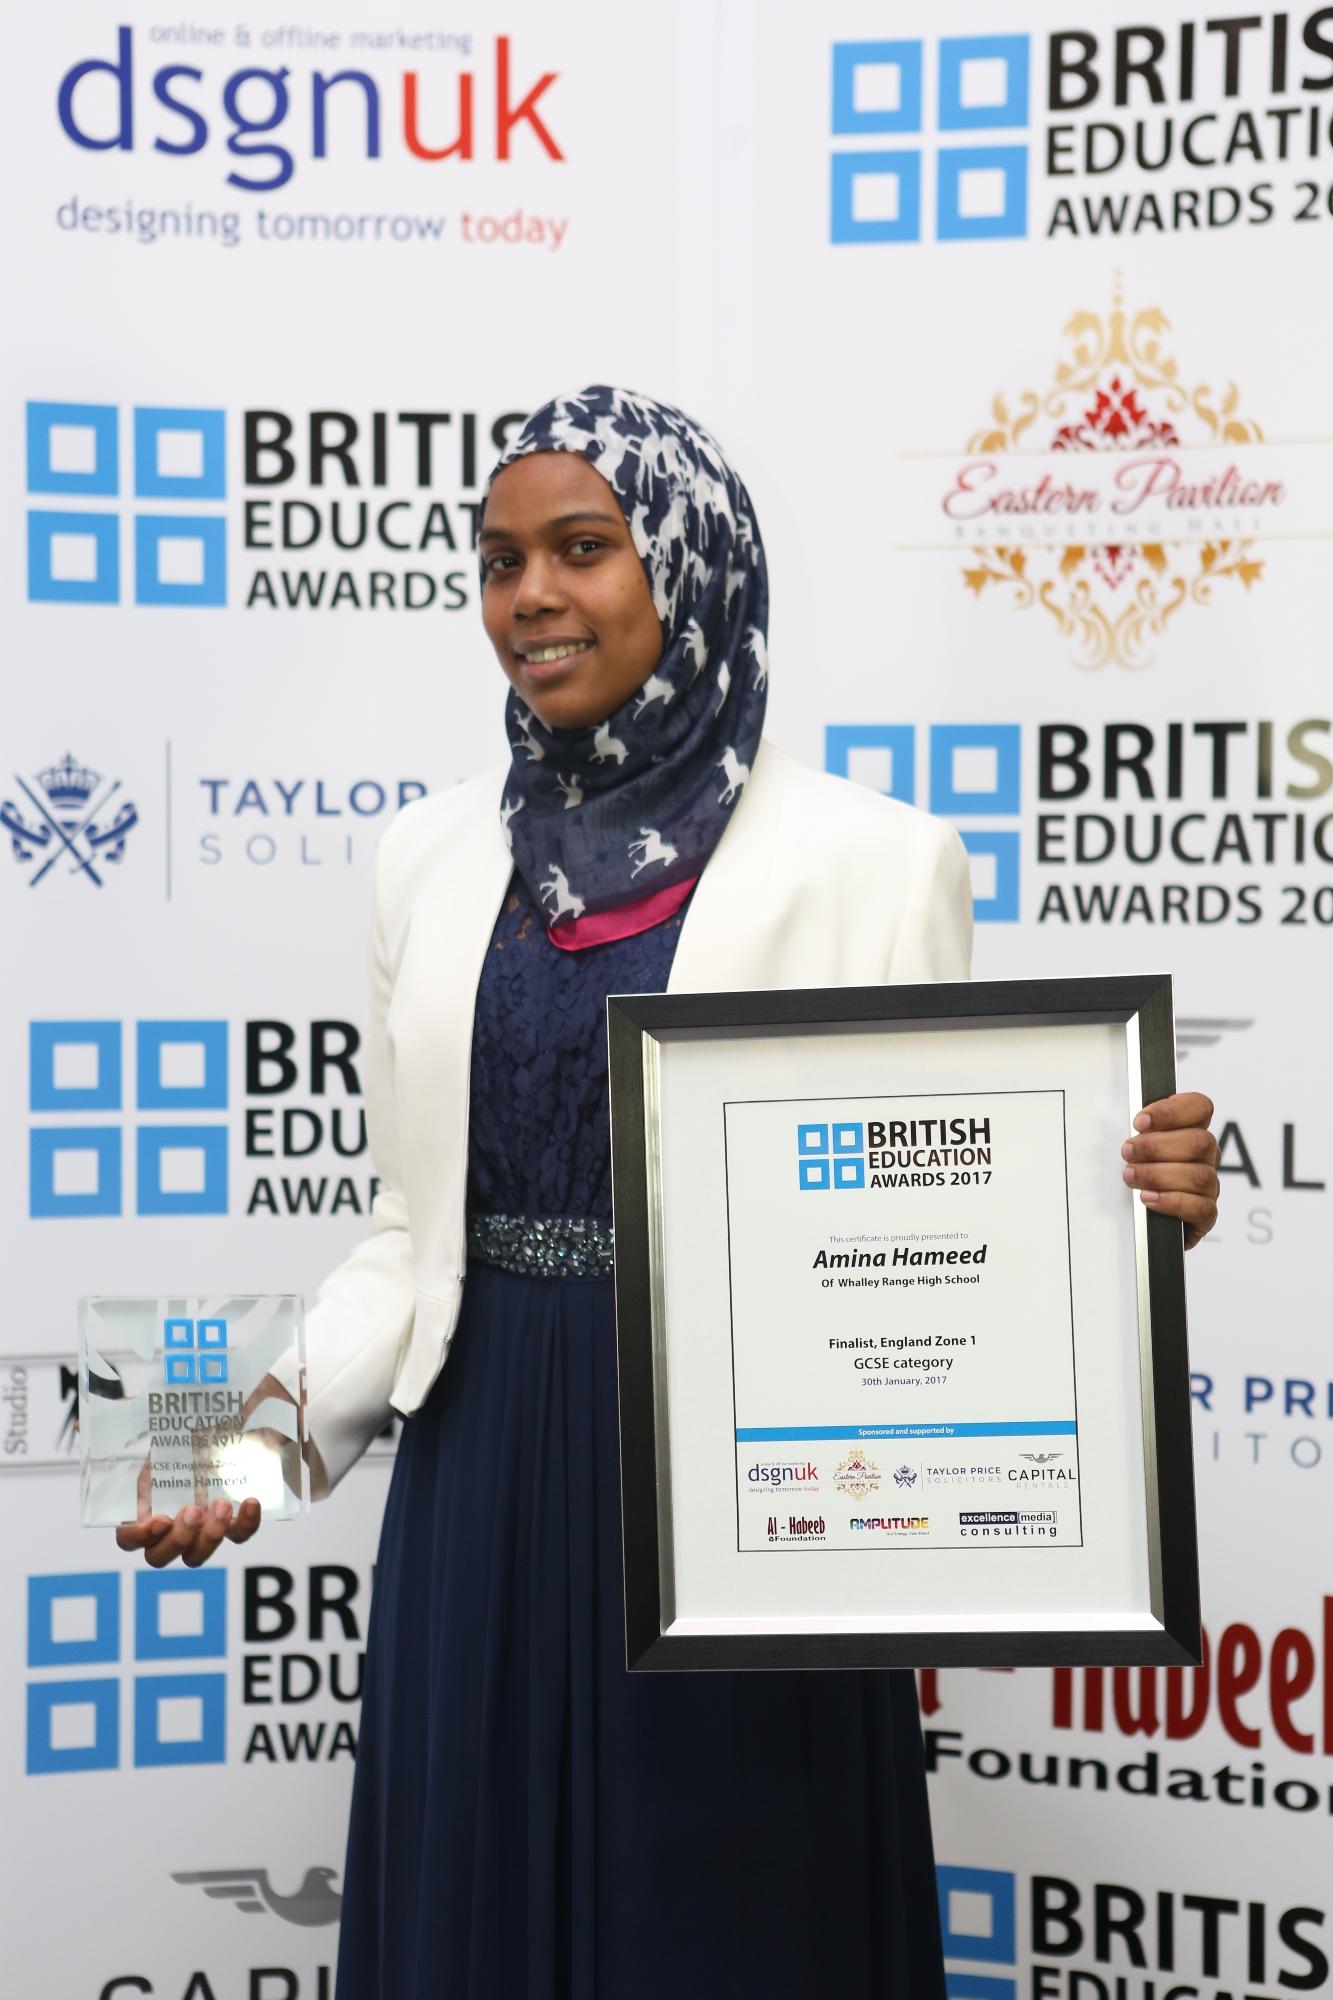 Amina Hameed-GCSE-England Zone 1